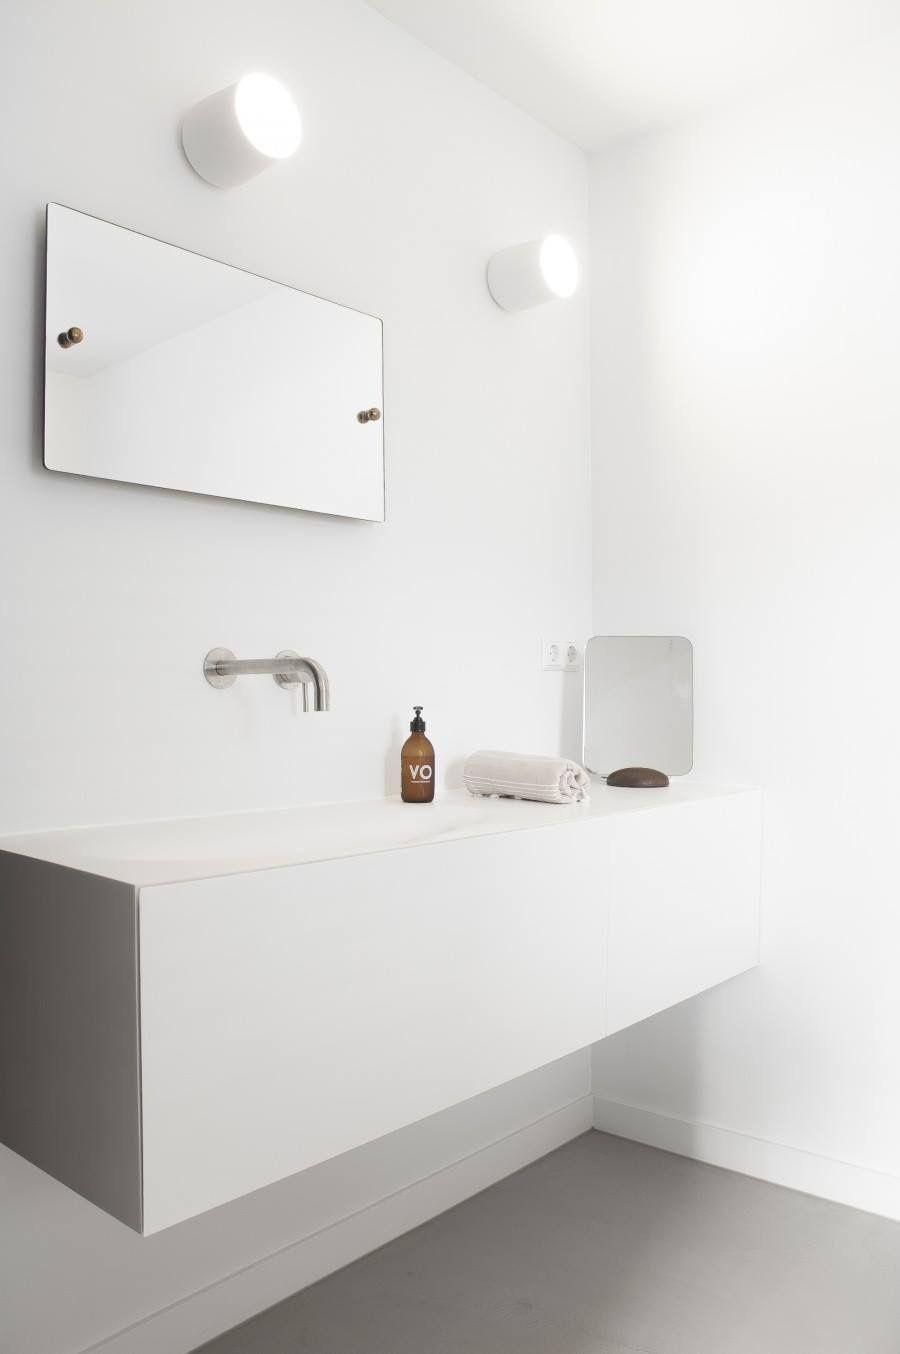 Pin Von Jani Verena Auf B A T H Badezimmerideen Badezimmer Badezimmerteppich